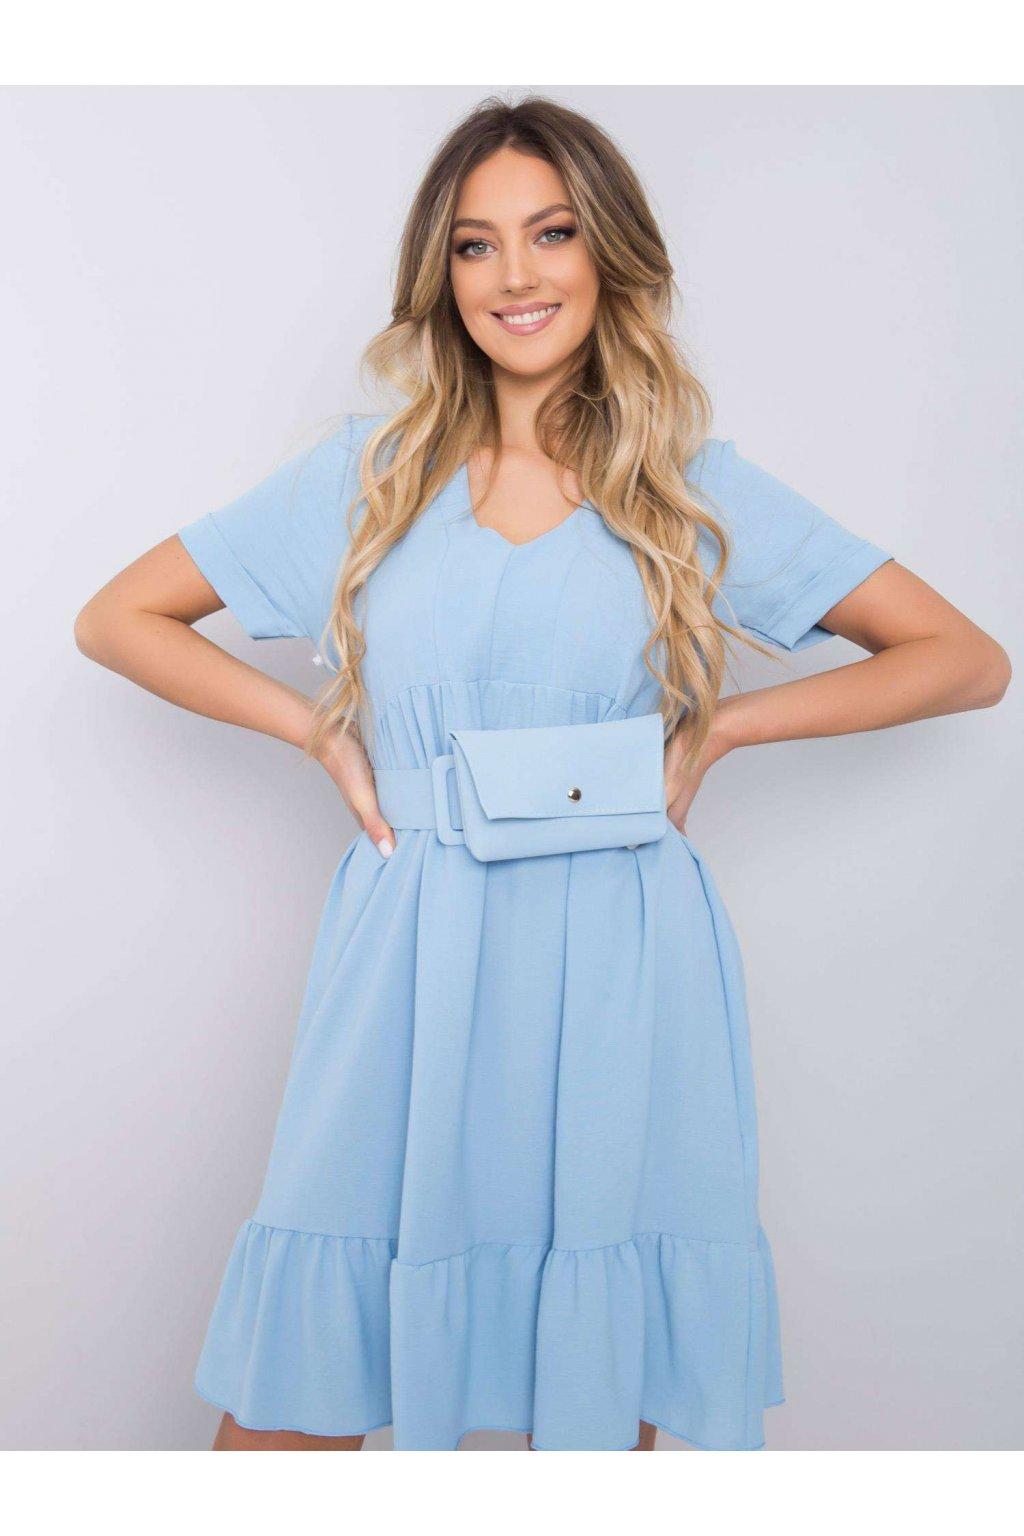 pol pl Niebieska sukienka z falbana Vianna 364103 1